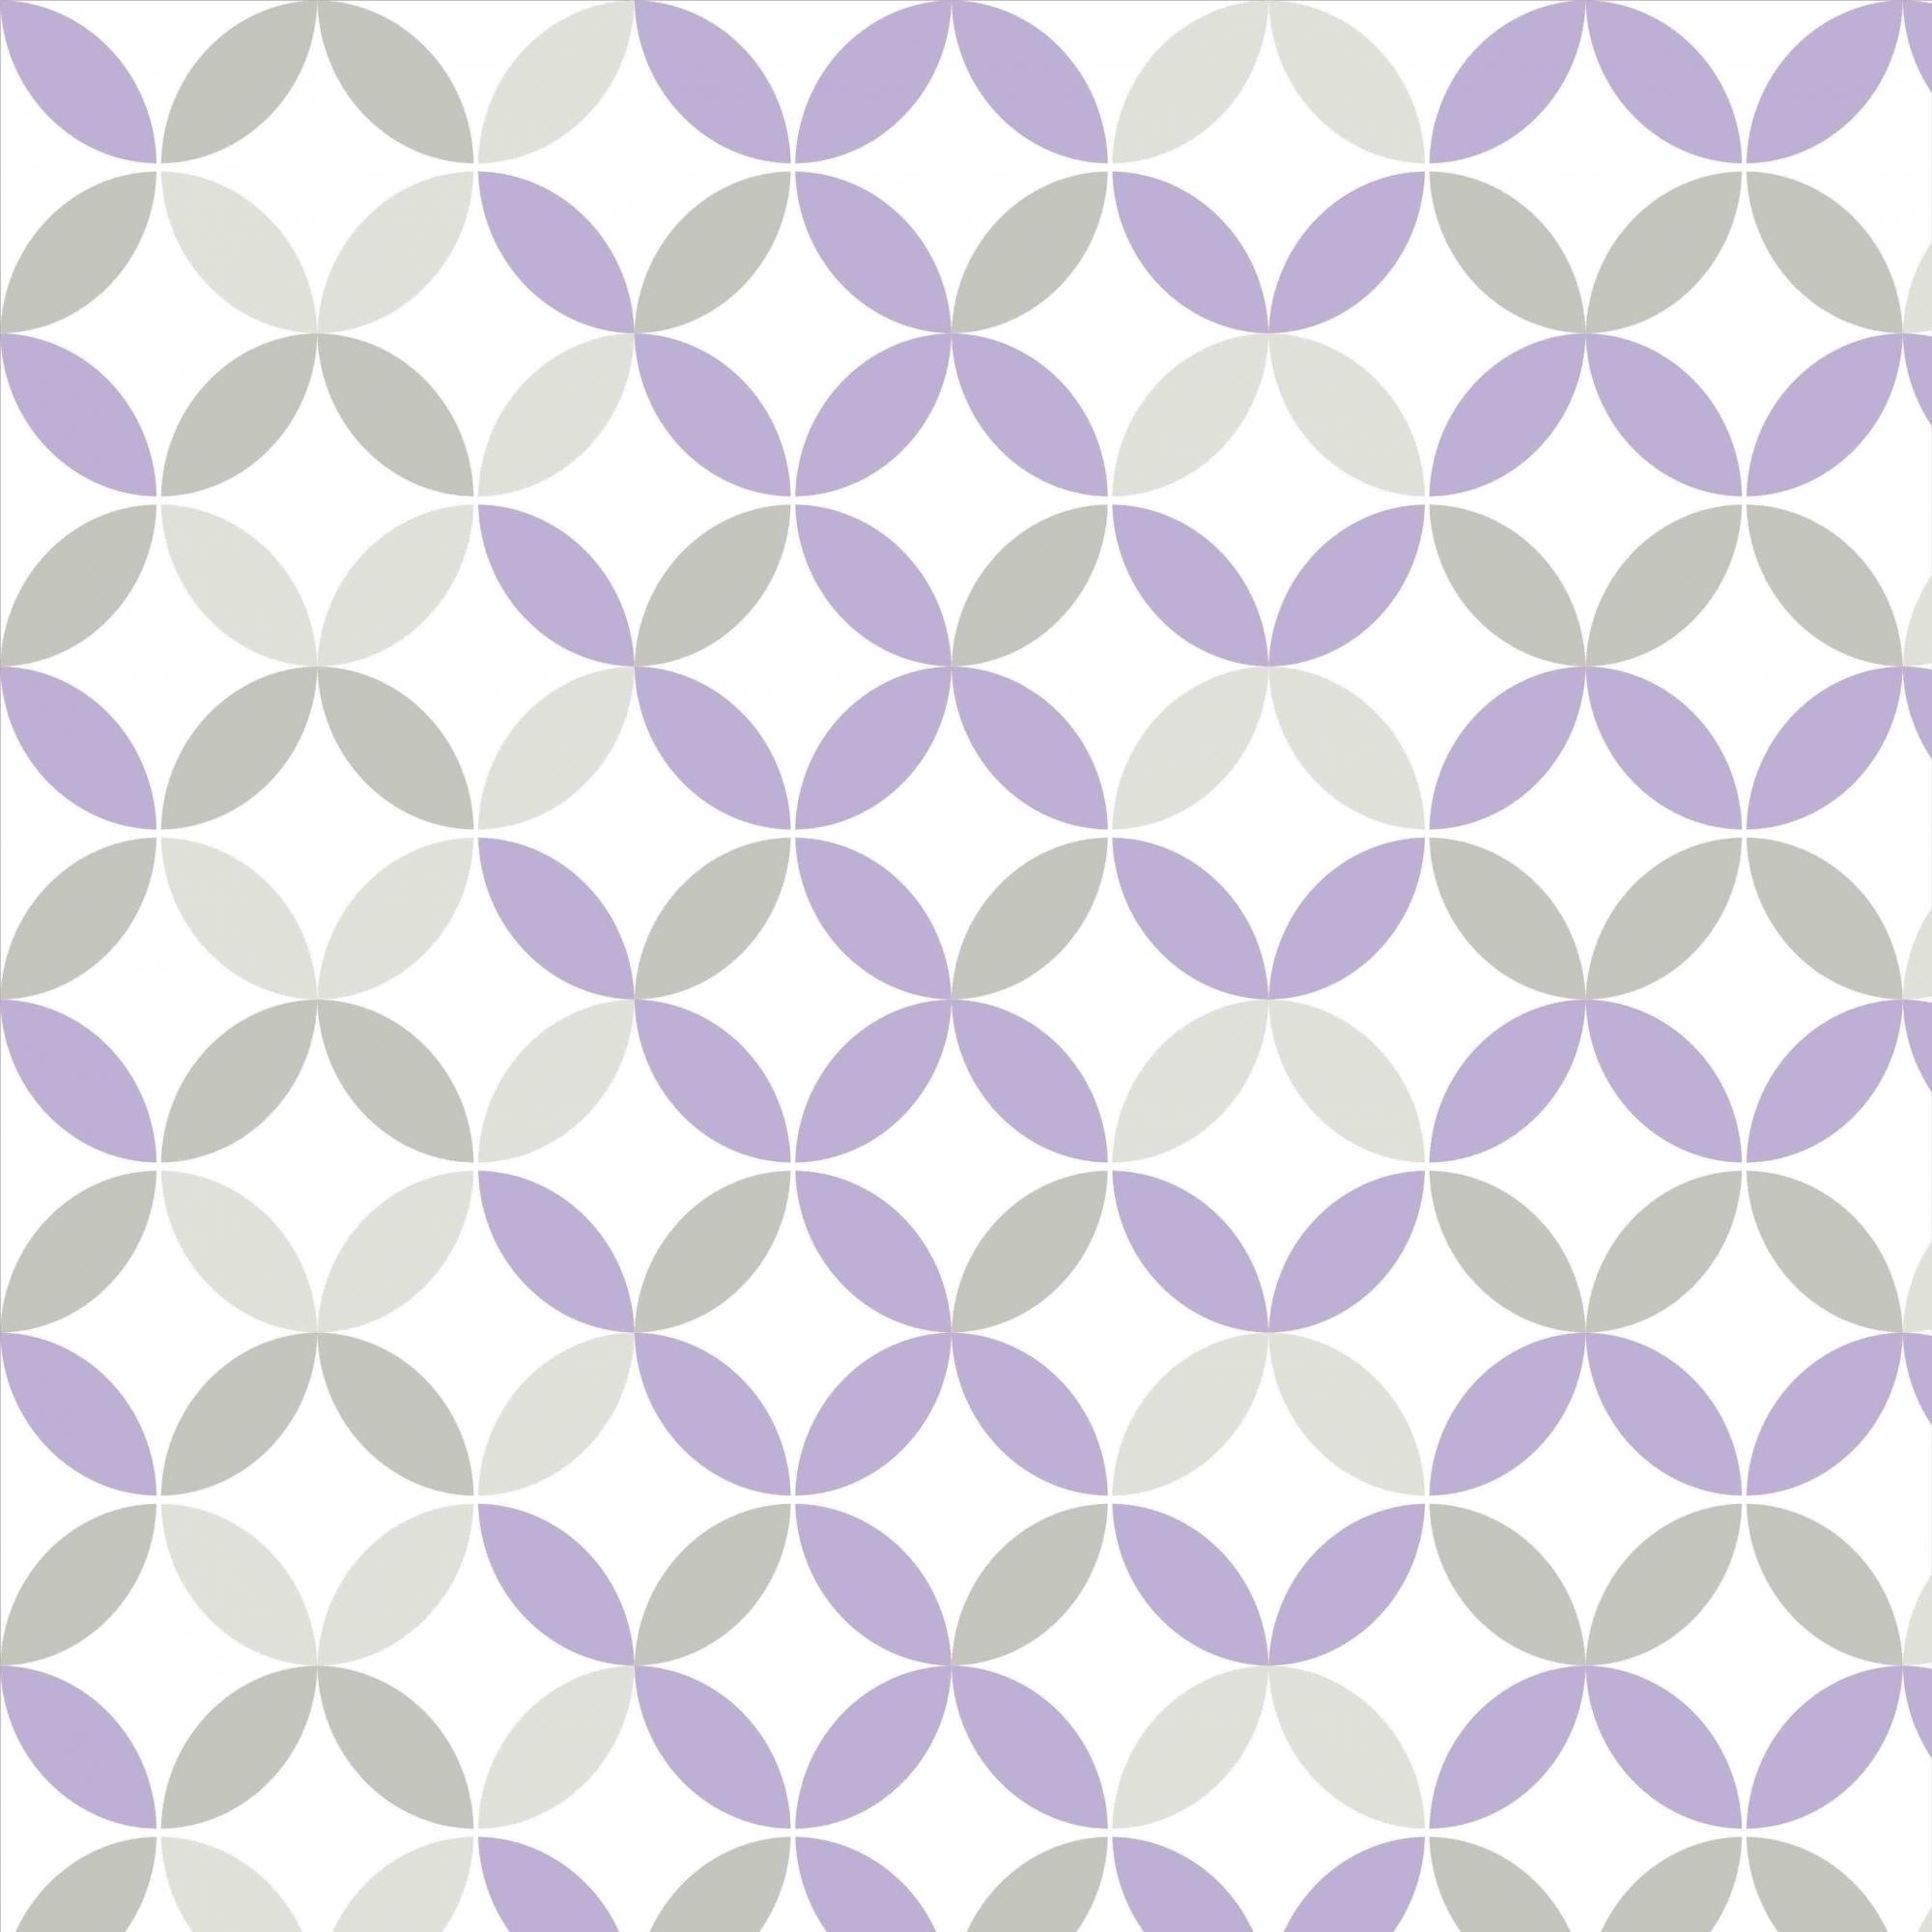 Papel de Parede Geométrico Lilás e Cinza